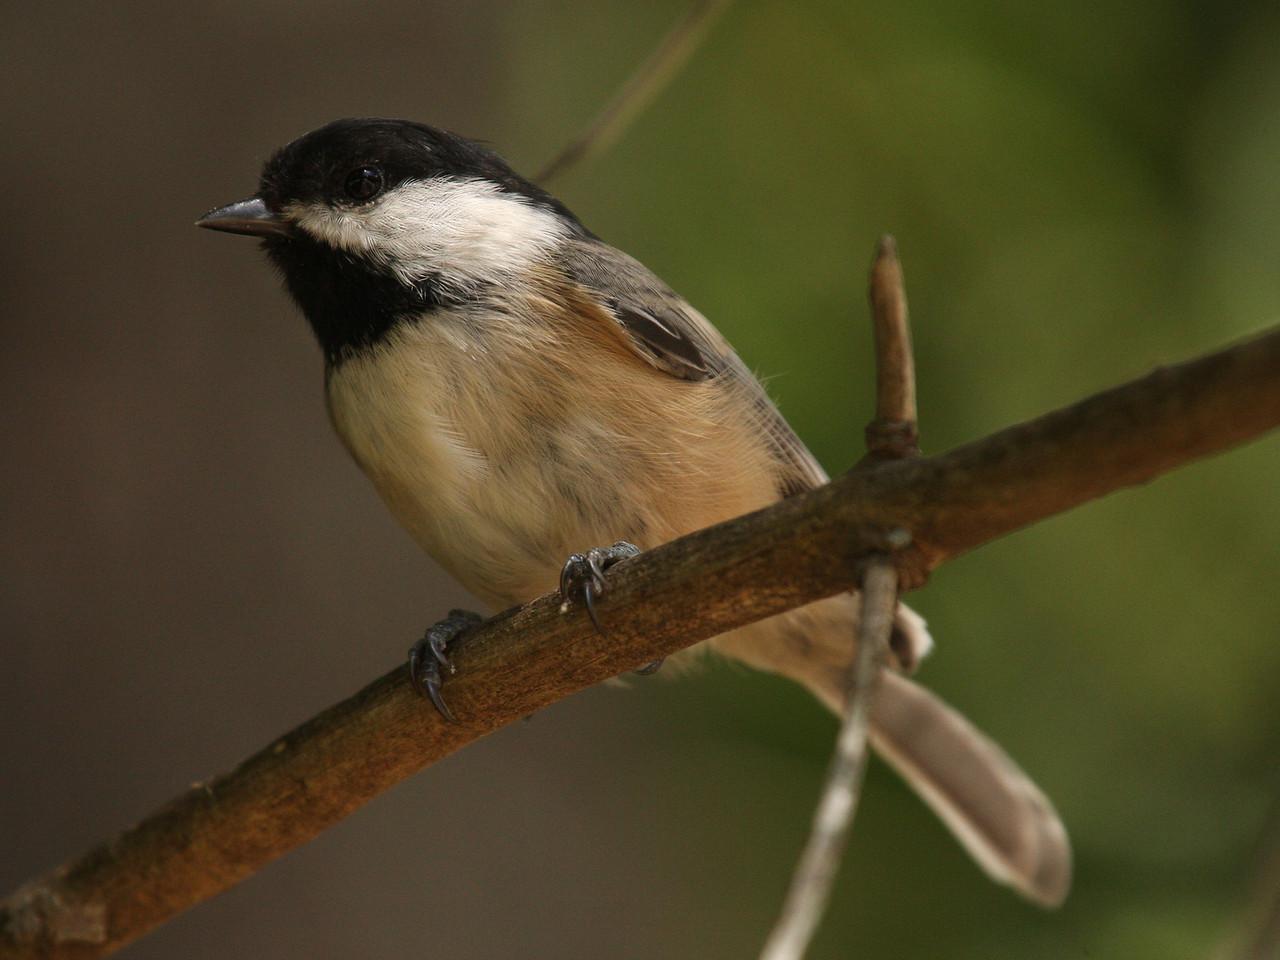 IMG4_13765 Chickadee bird DPPtrm